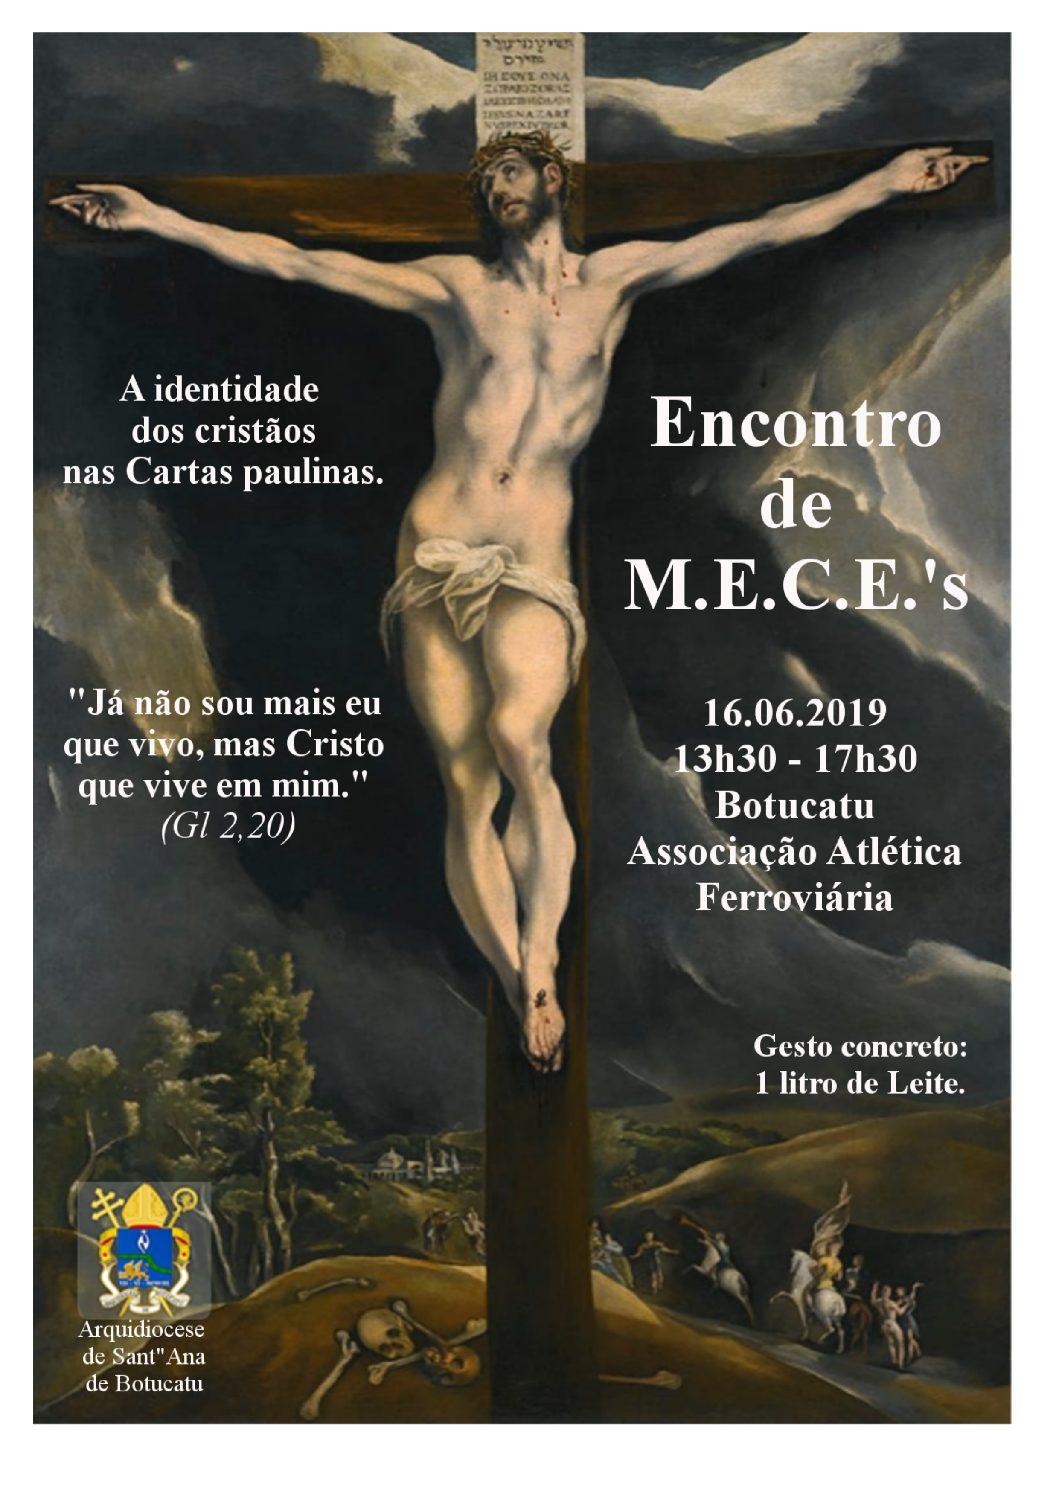 Arquidiocese realiza em junho o Encontro Arquidiocesano de MECE's